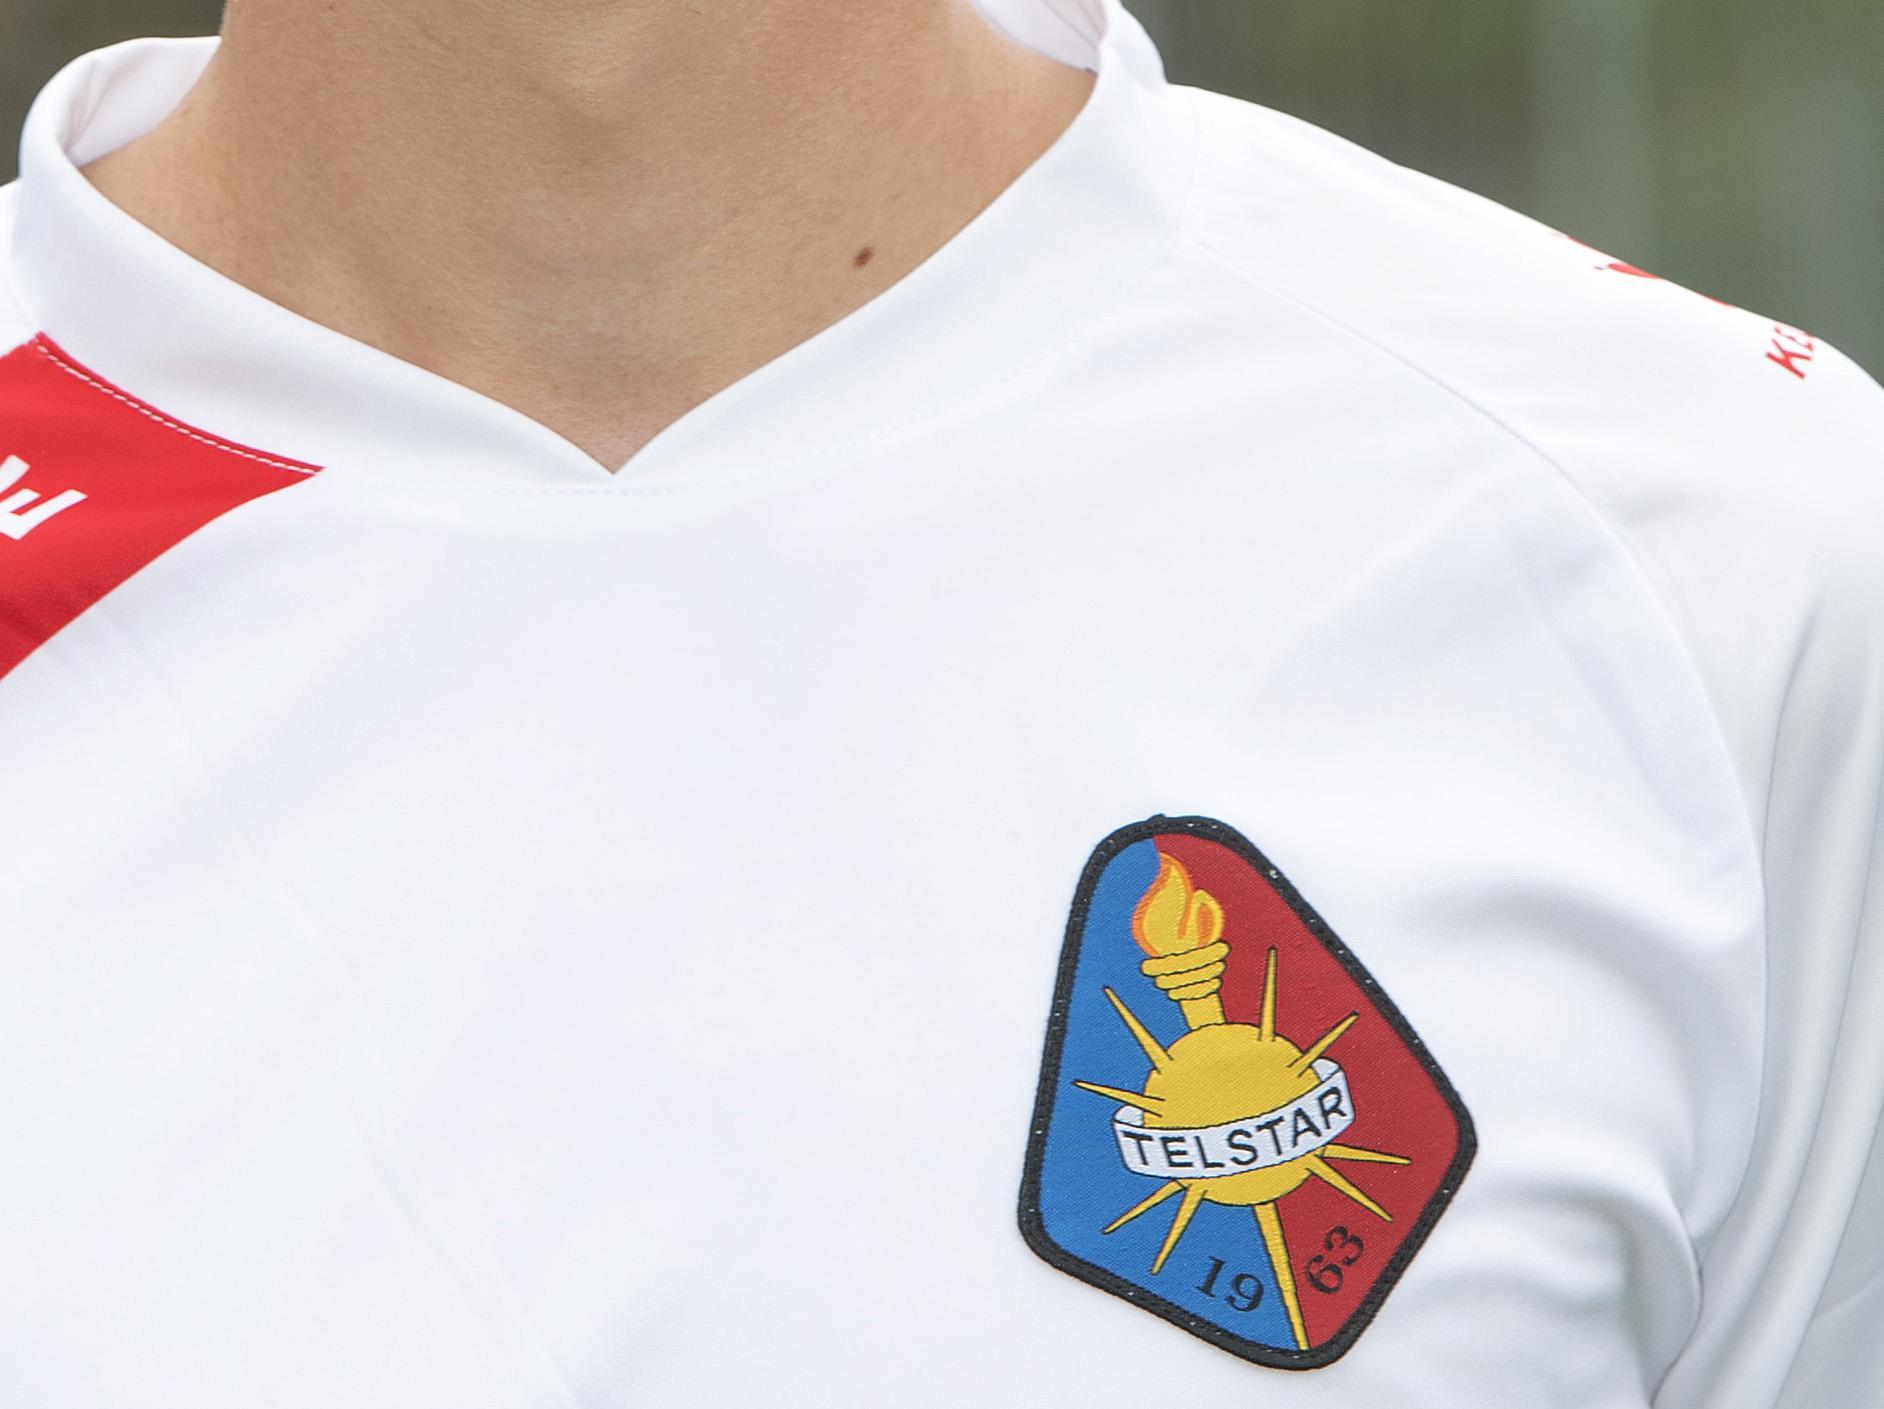 Historische wedstrijd krijgt historische uitslag: Telstar wint met 6-1 van FC Den Bosch